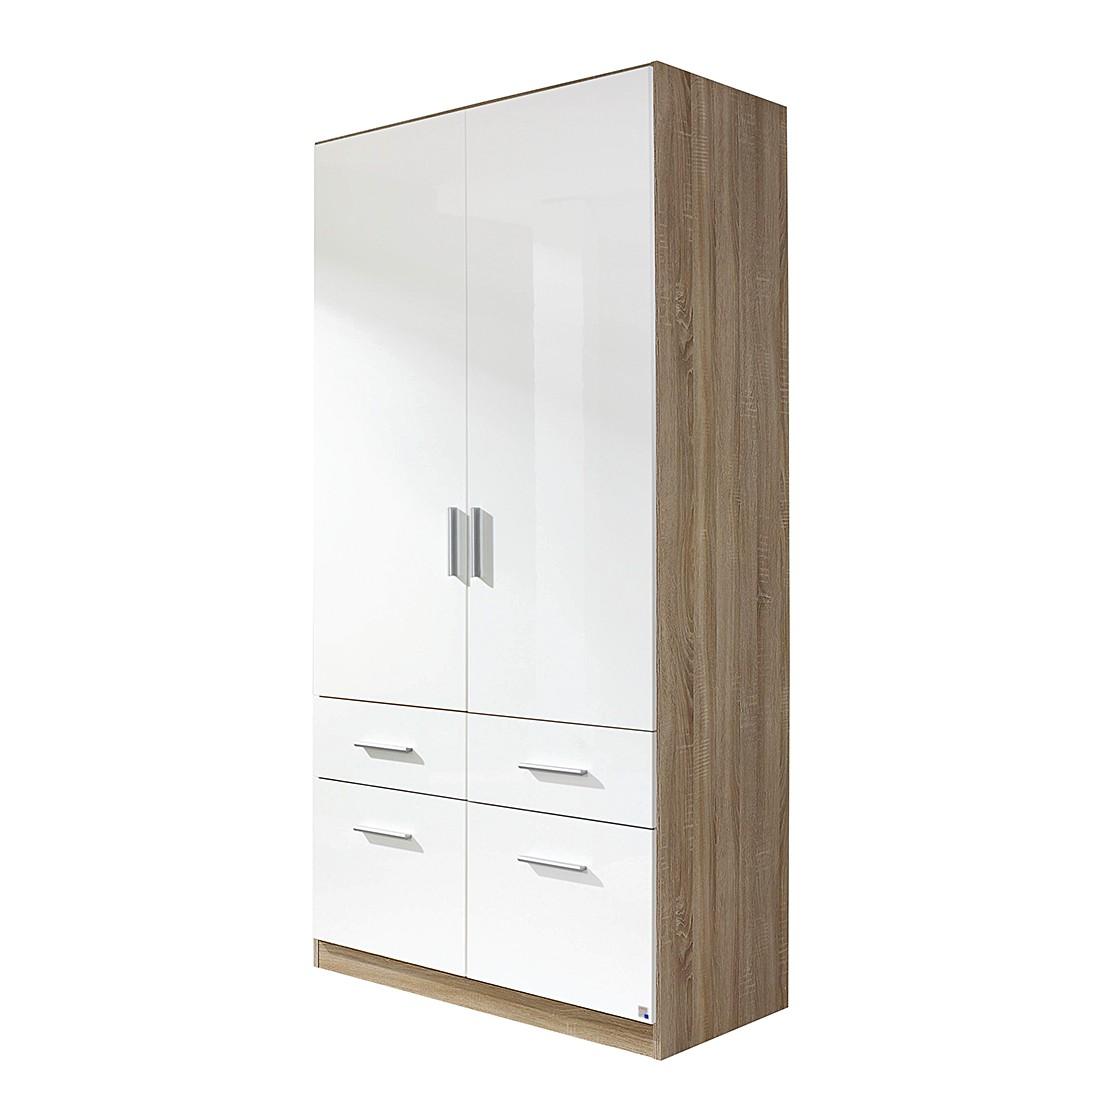 Armoire à portes battantes Celle - Blanc brillant / Imitation chêne de Sonoma 2, Rauch Packs